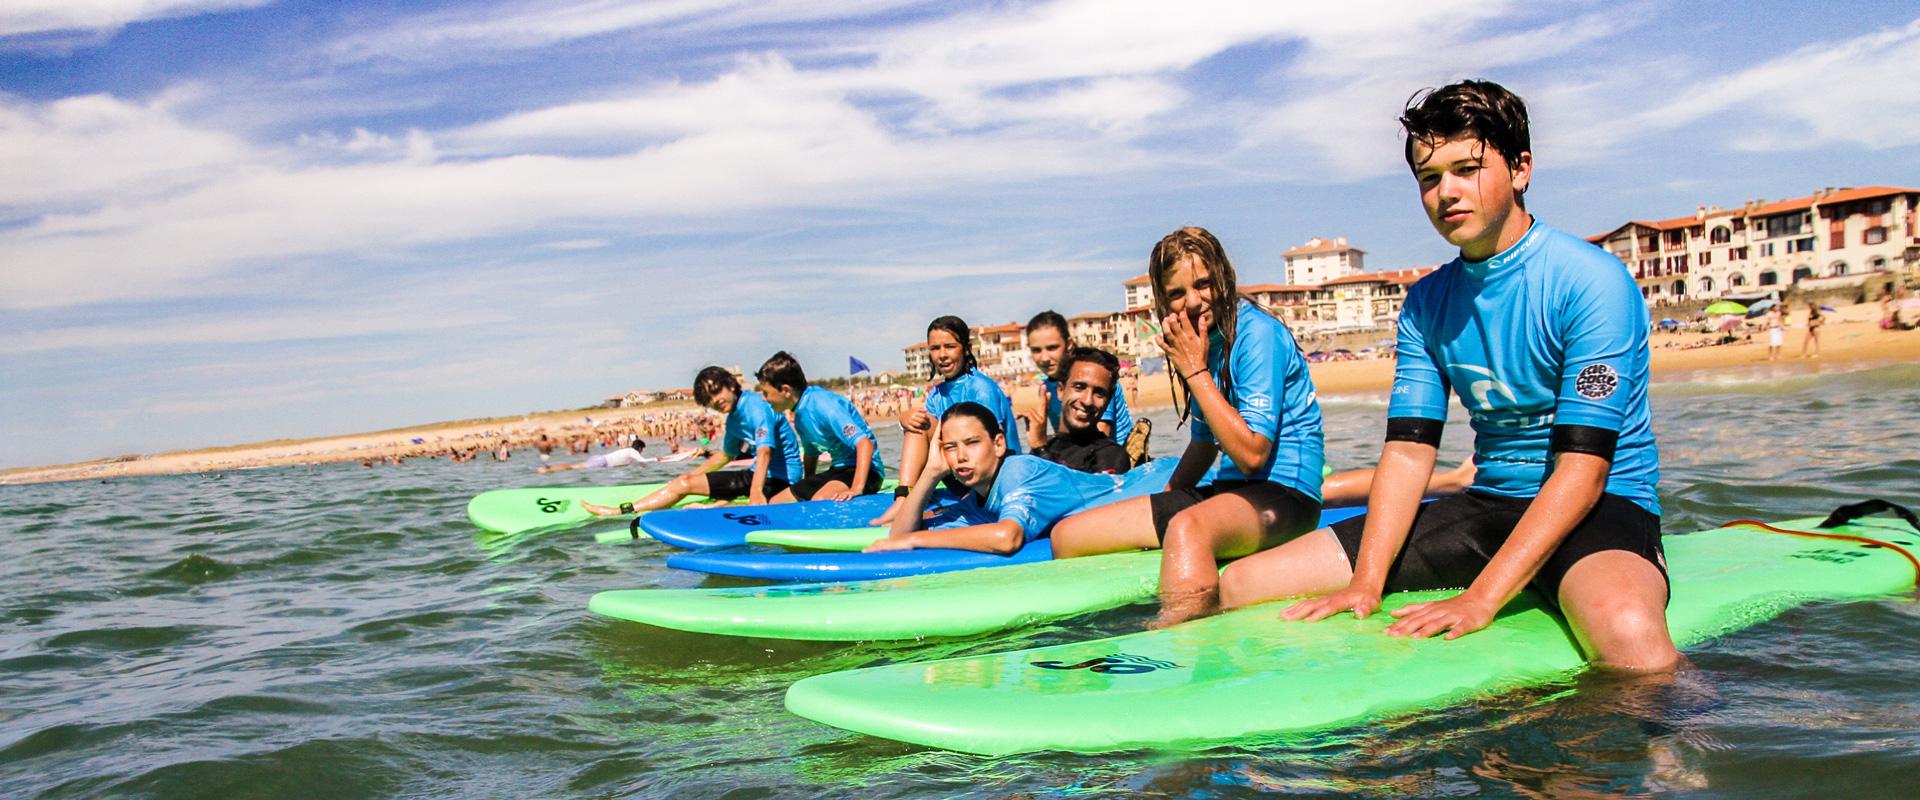 OA surfschool la centrale hossegor (9)